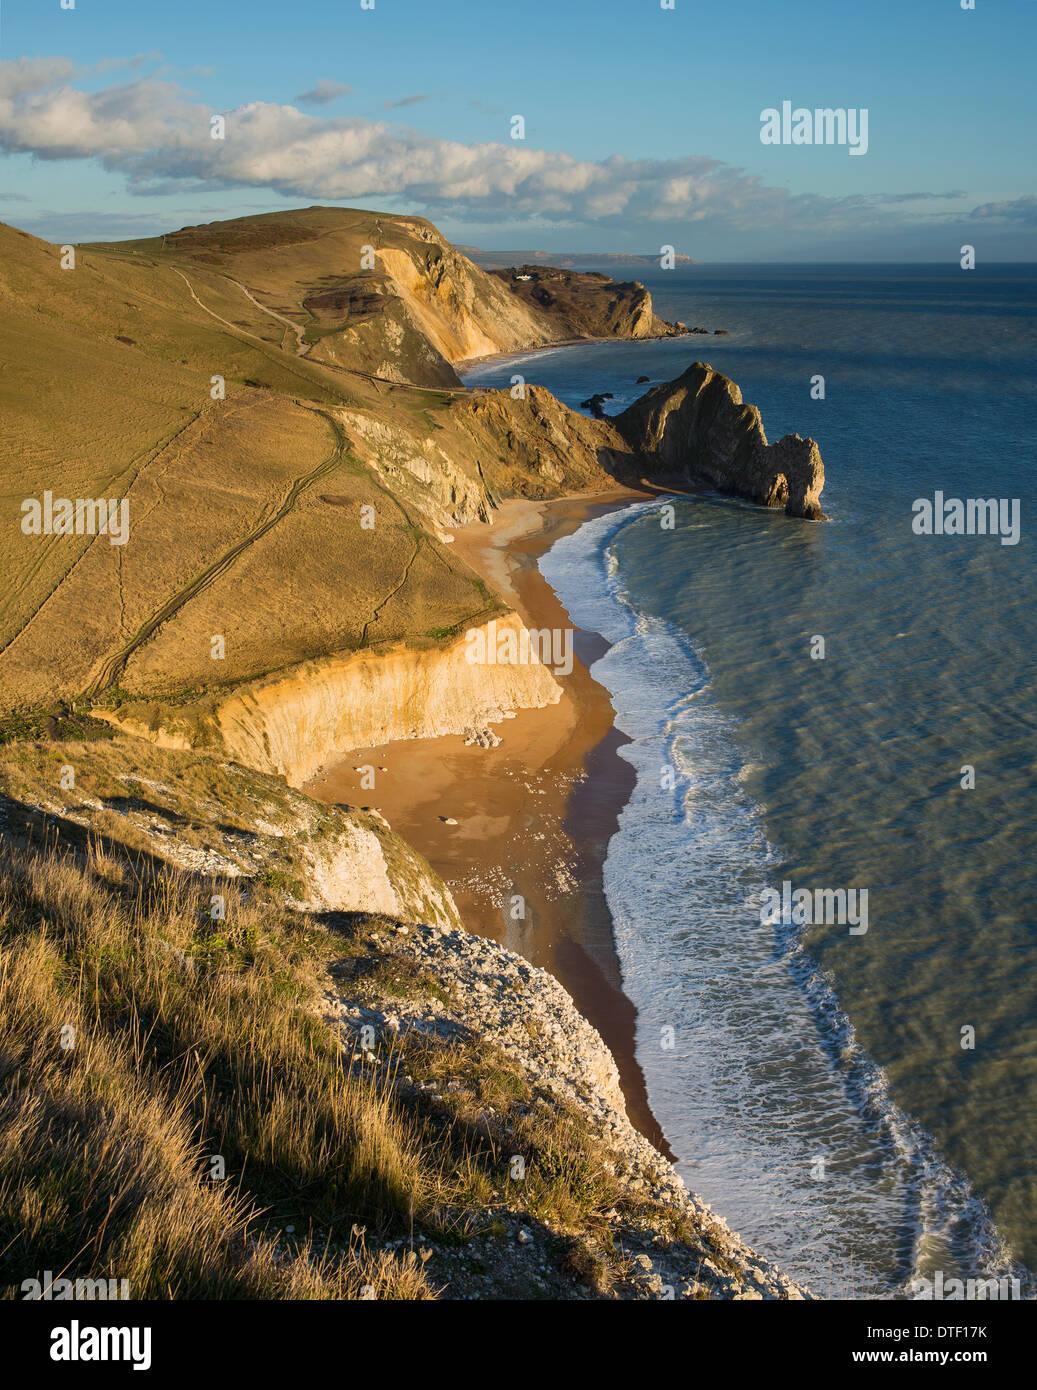 Fabulosa vista al este desde Swyre cabeza abajo para Durdle Door, Dungy Hambury Tout y cabeza, Dorset, Reino Unido Foto de stock